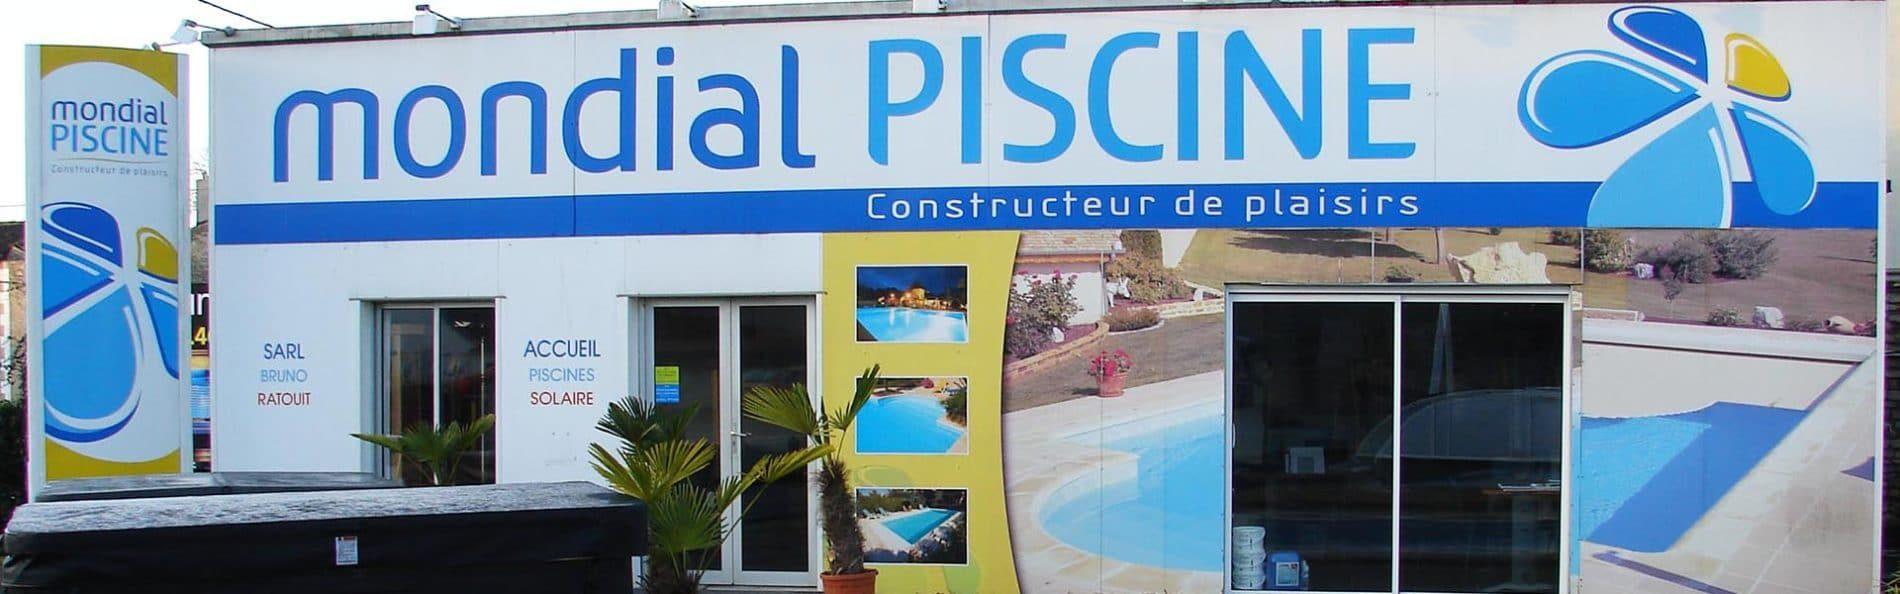 Mondial Piscine Poitiers